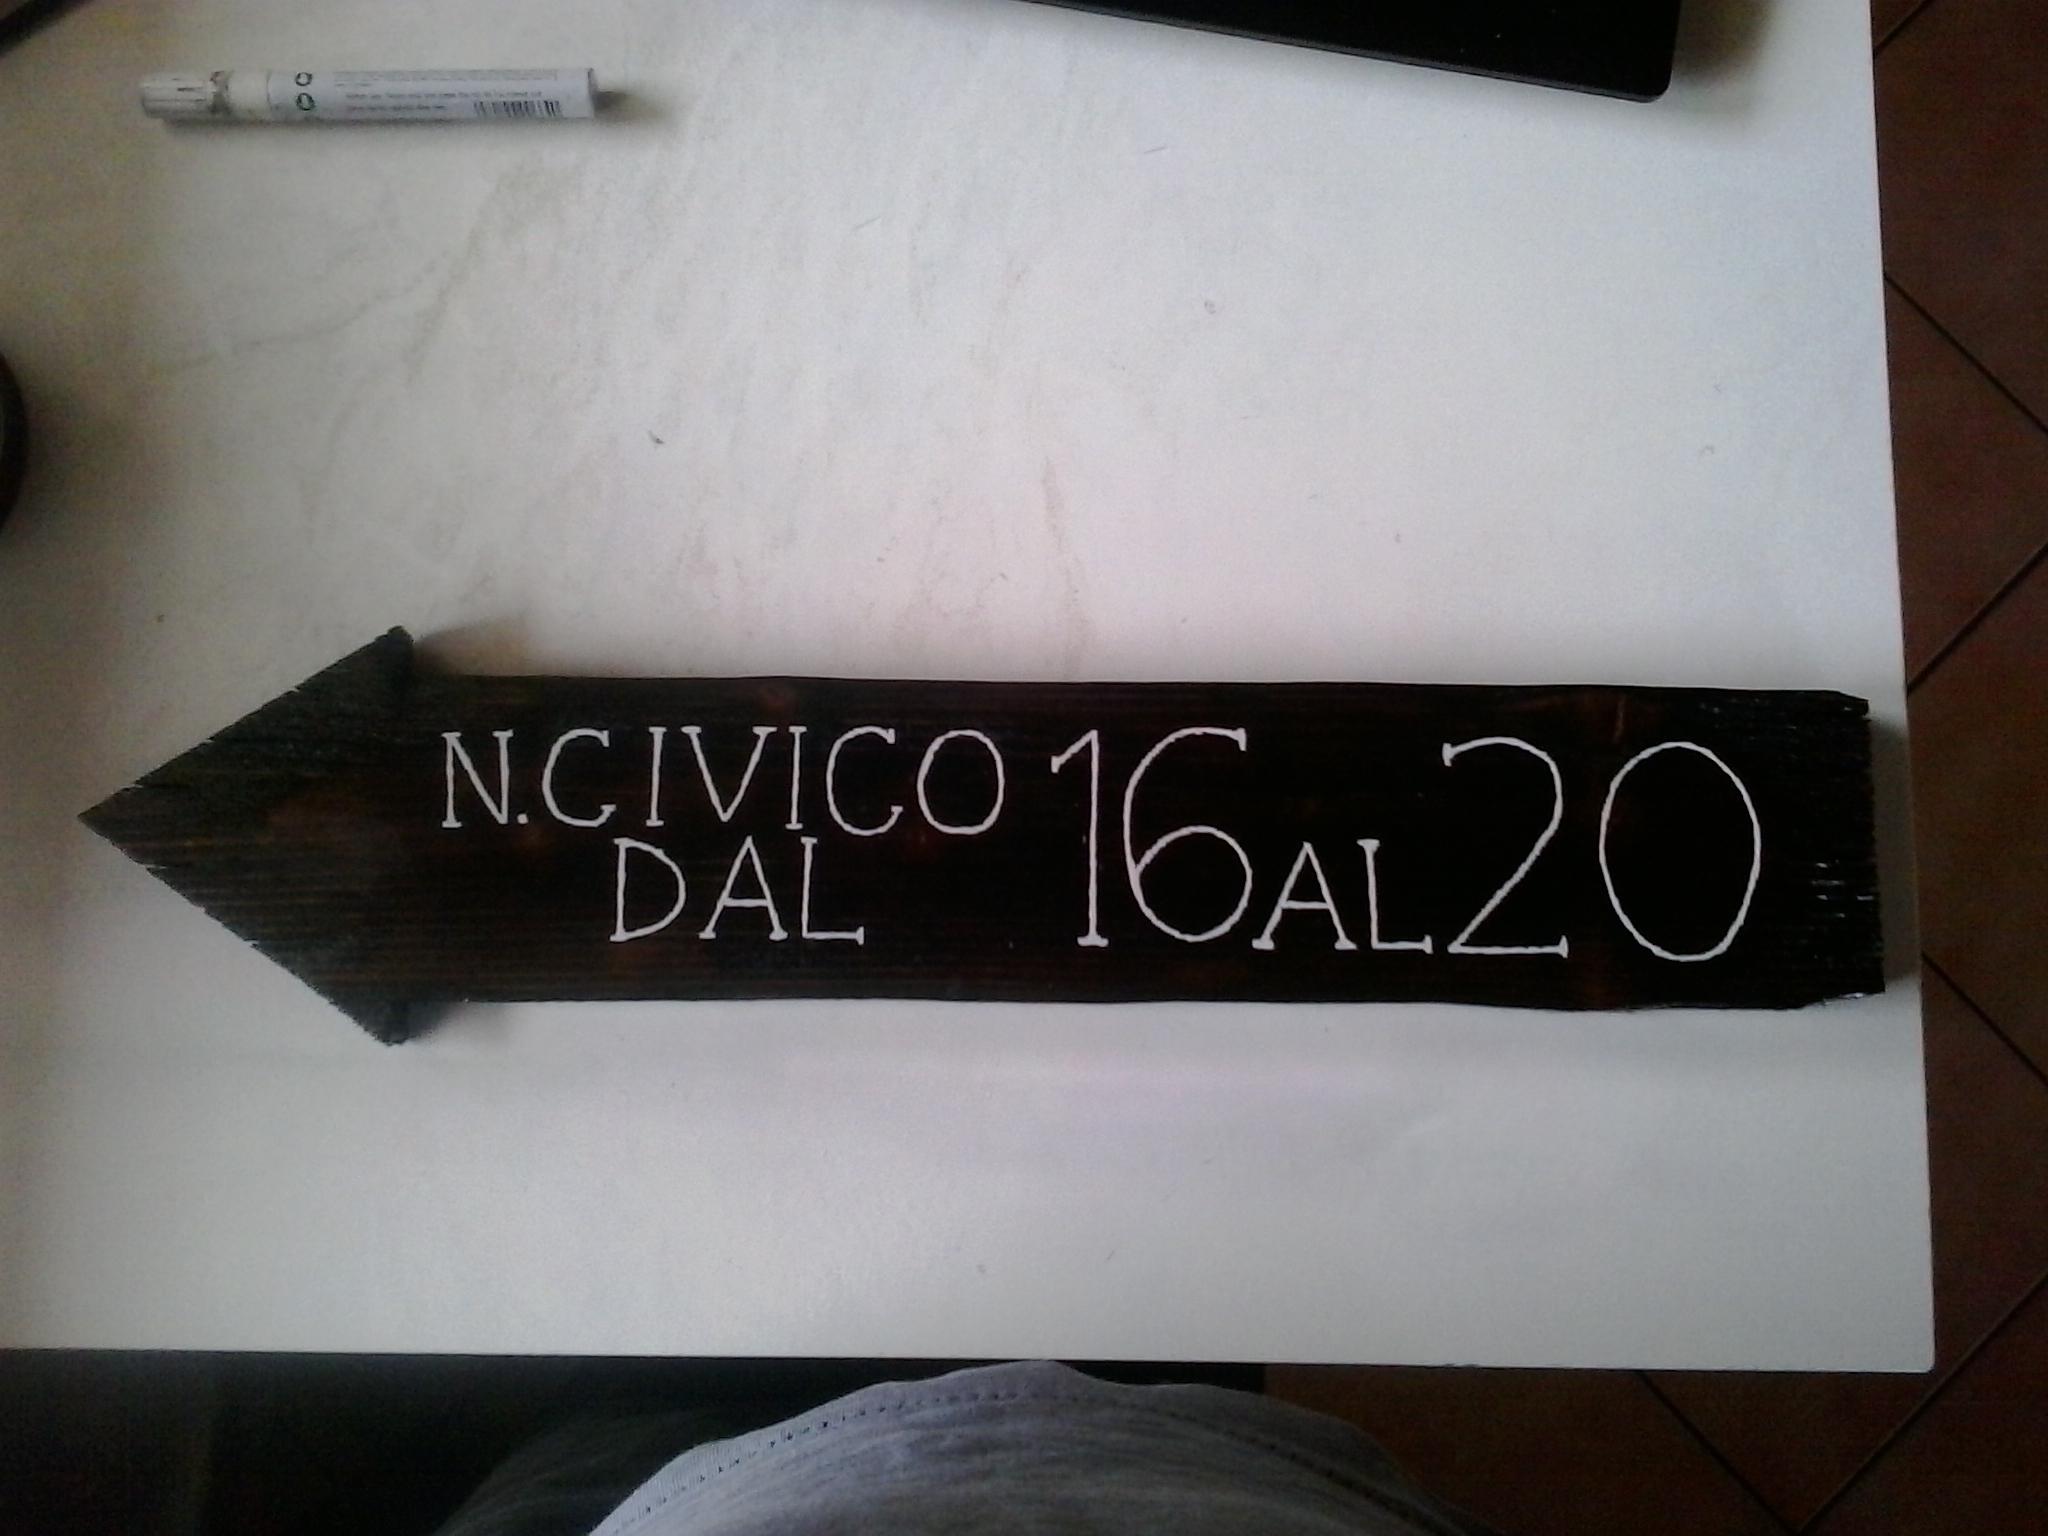 http://www.energialternativa.info/public/newforum/ForumEA/U/20120608_235847.jpg